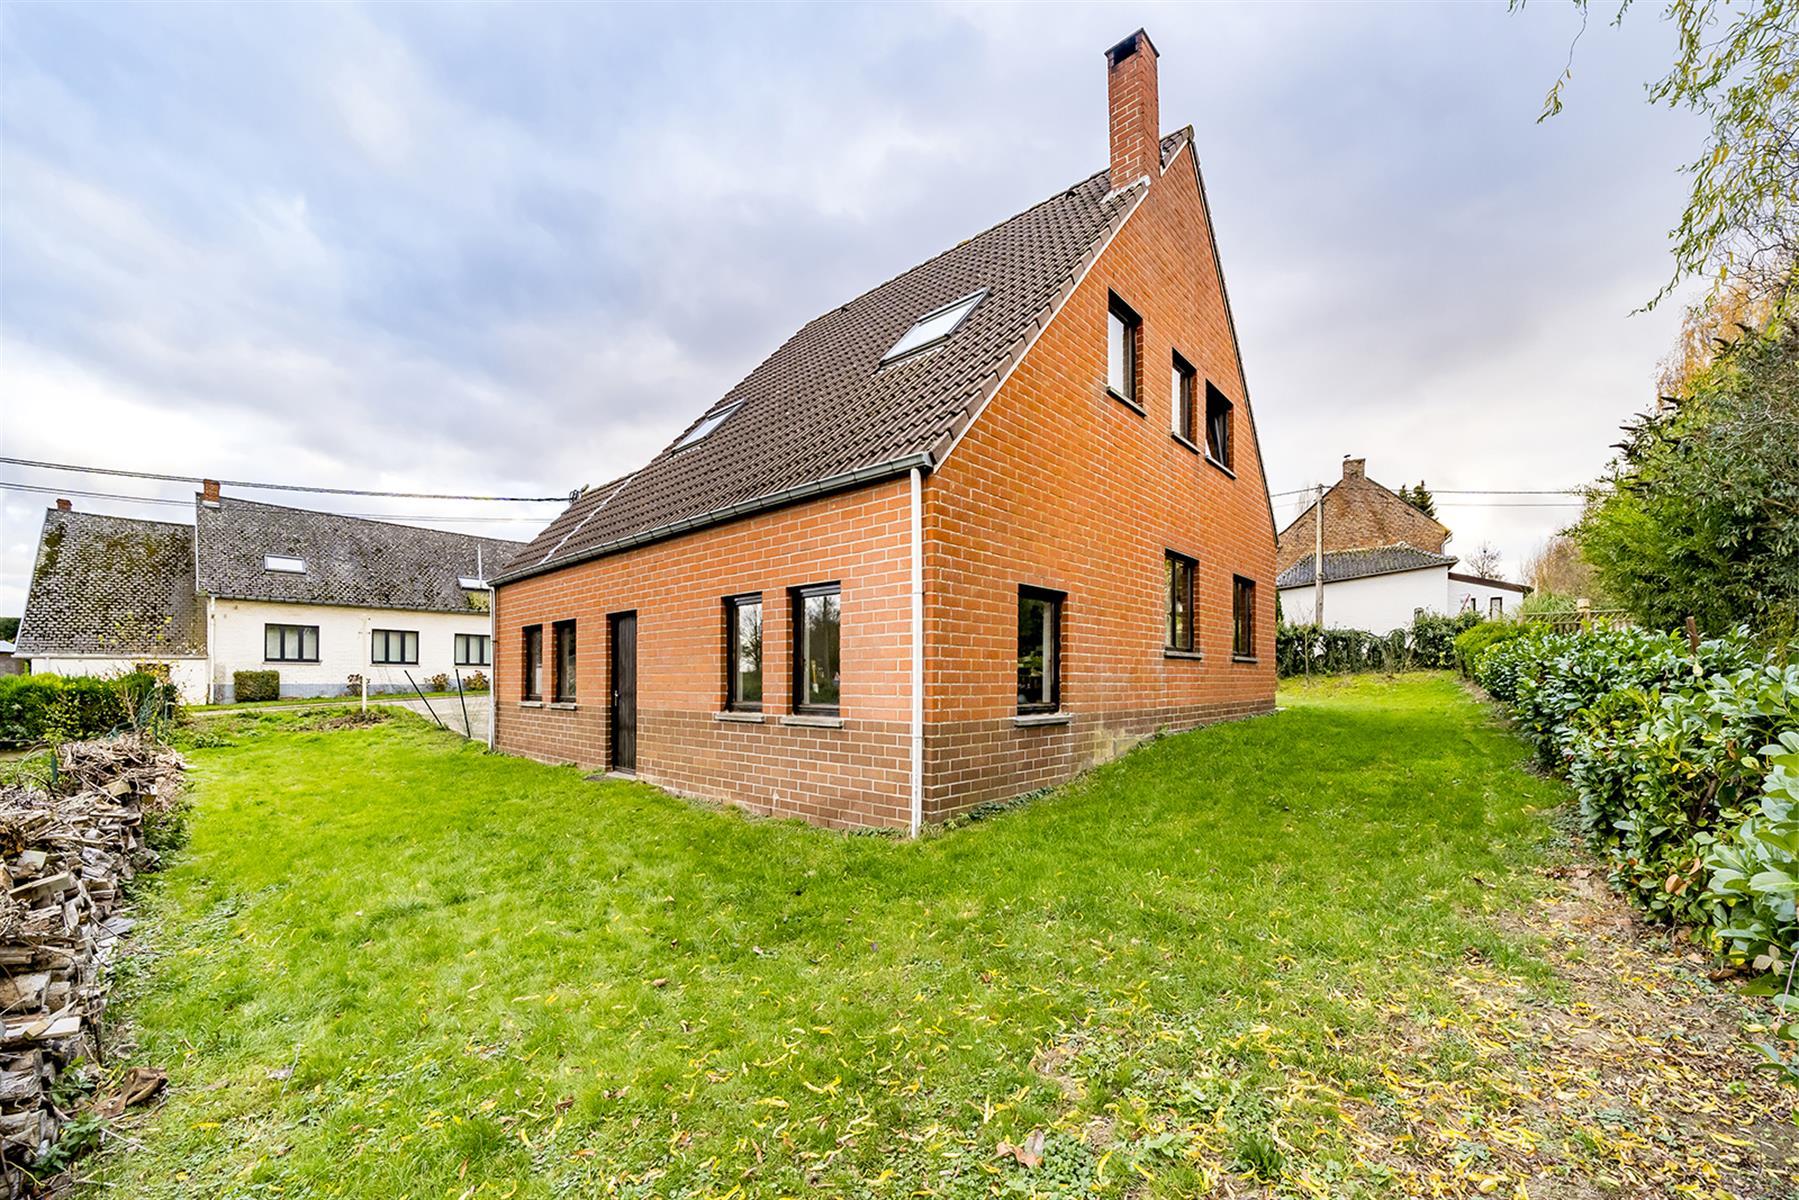 Maison unifamiliale - Orp-Jauche - #3623125-16